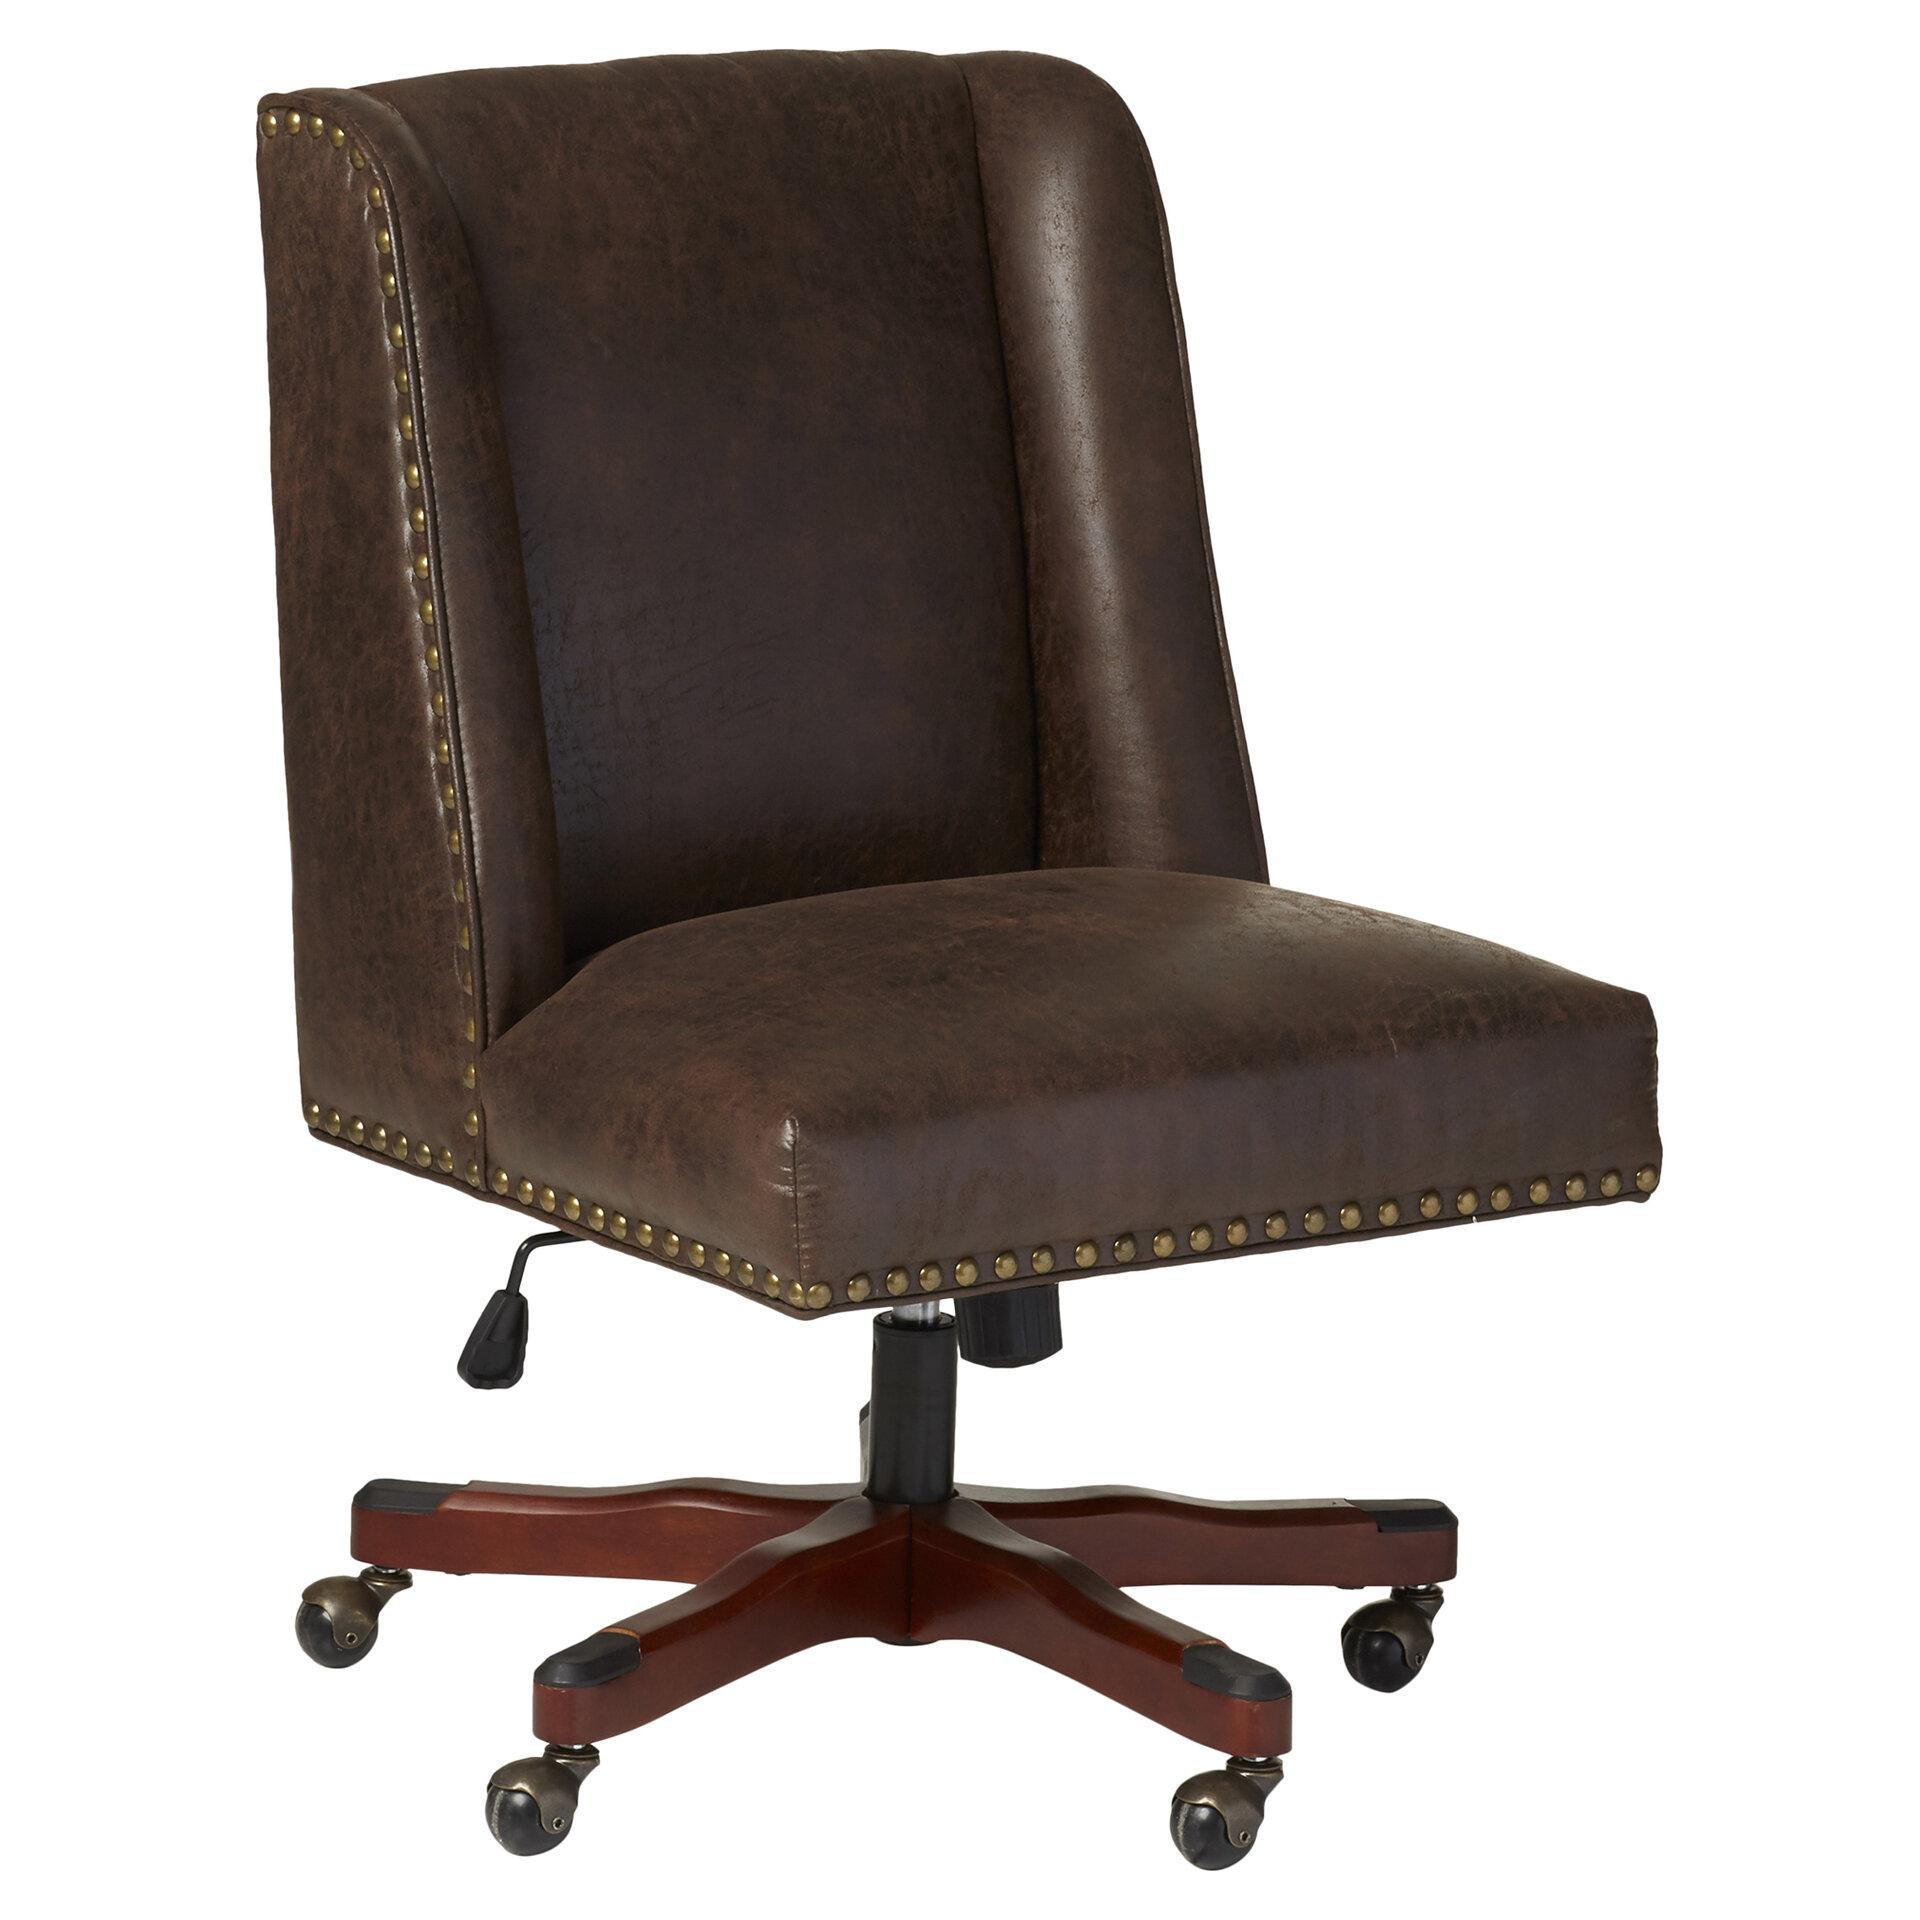 Superieur Three Posts Brennan Desk Chair U0026 Reviews | Wayfair